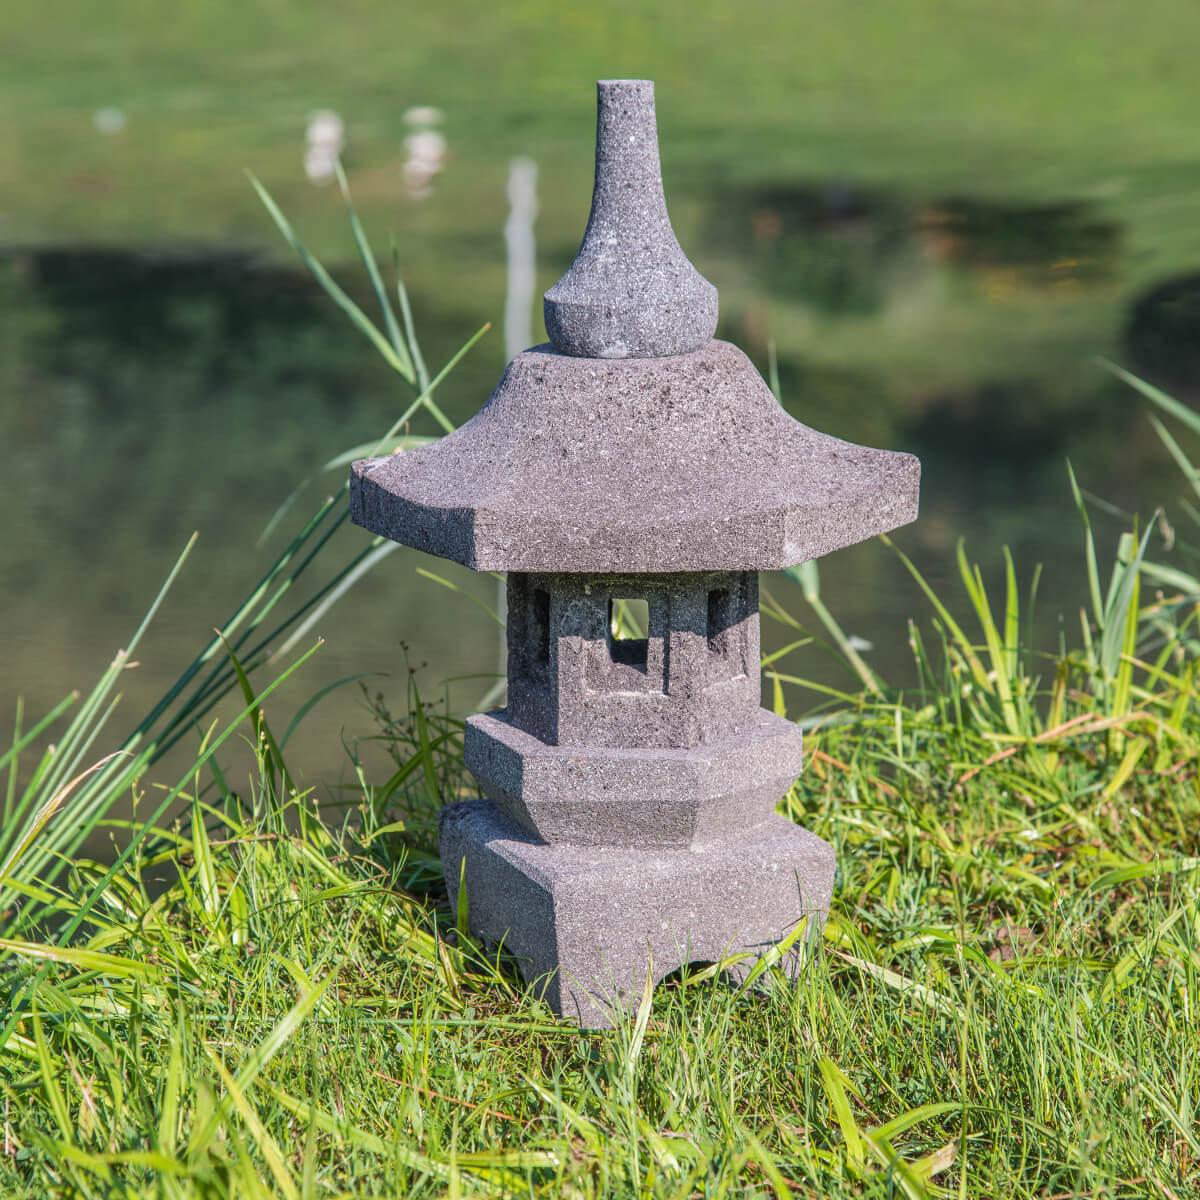 Lampe Japonaise Toro Jardin Zen En Pierre De Lave 50Cm destiné Lanterne Japonaise De Jardin